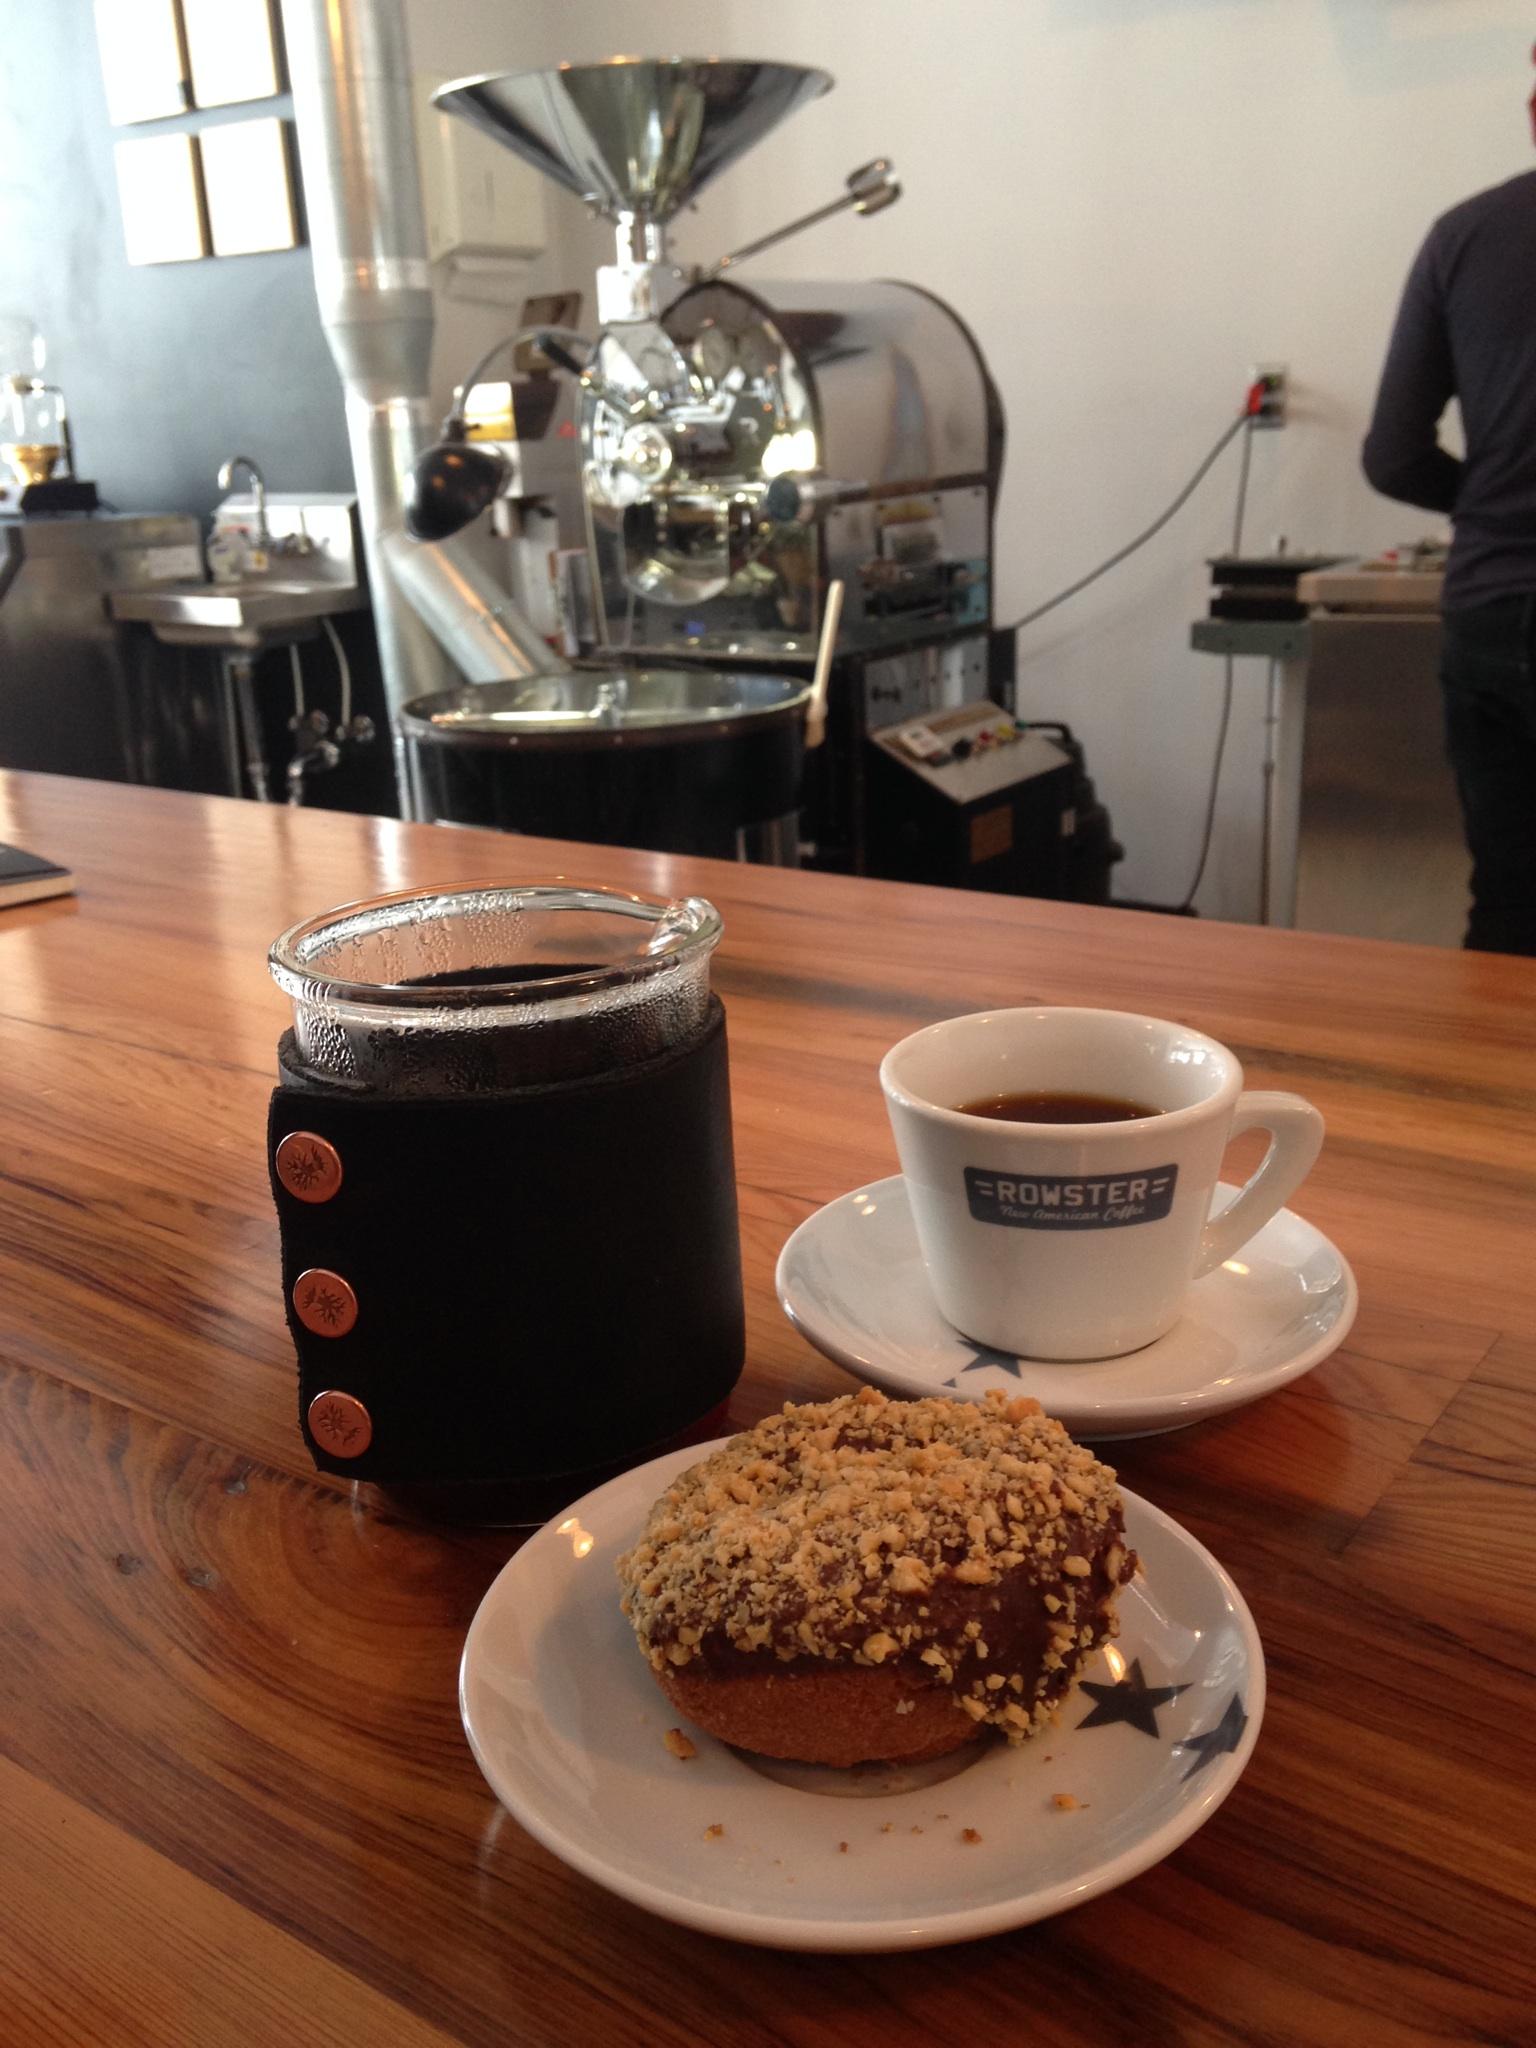 A Propaganda Doughnut at Rowster Coffee.